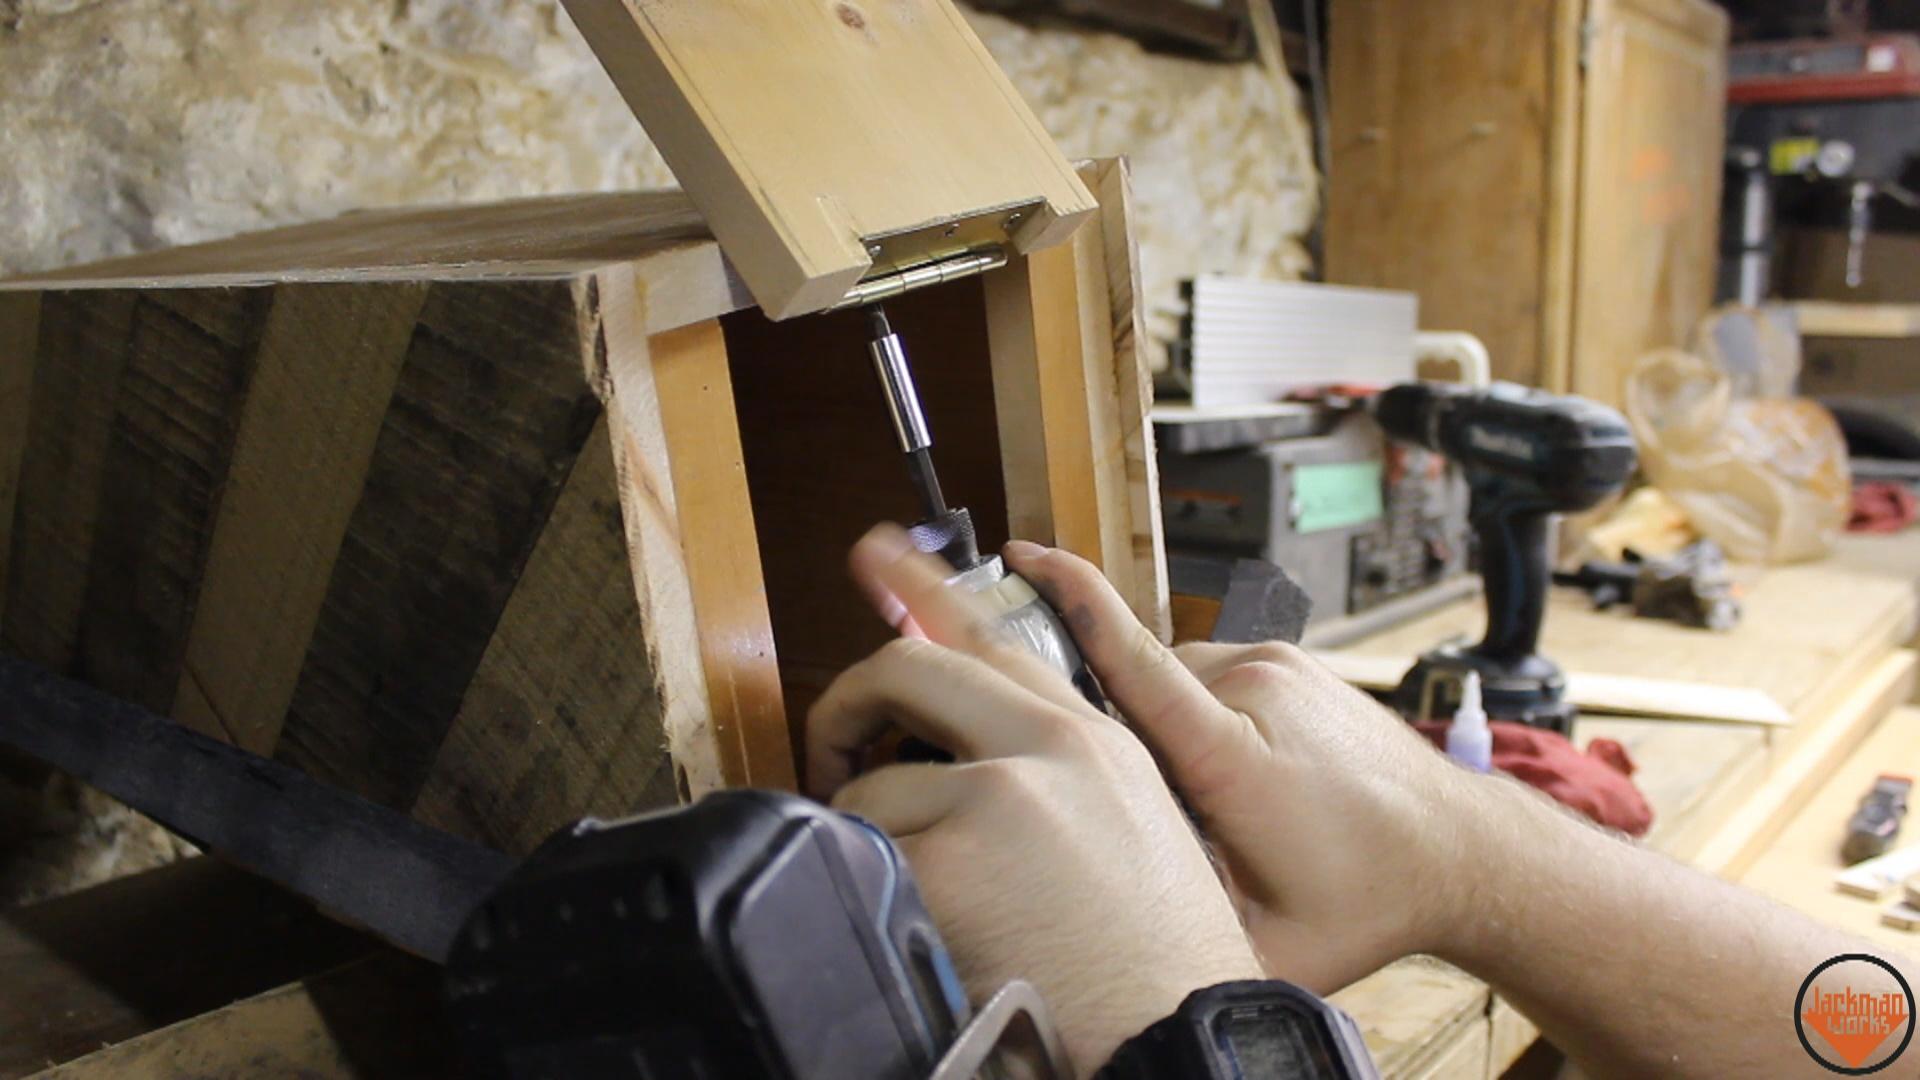 Wood mailbox 19 jackman works jackmanjackman worksjackman carpentrycarpentrywoodworkingwooddiydo it yourselfbuildingmakingdesignupcycledrecycledreclaimedhow to make a solutioingenieria Images